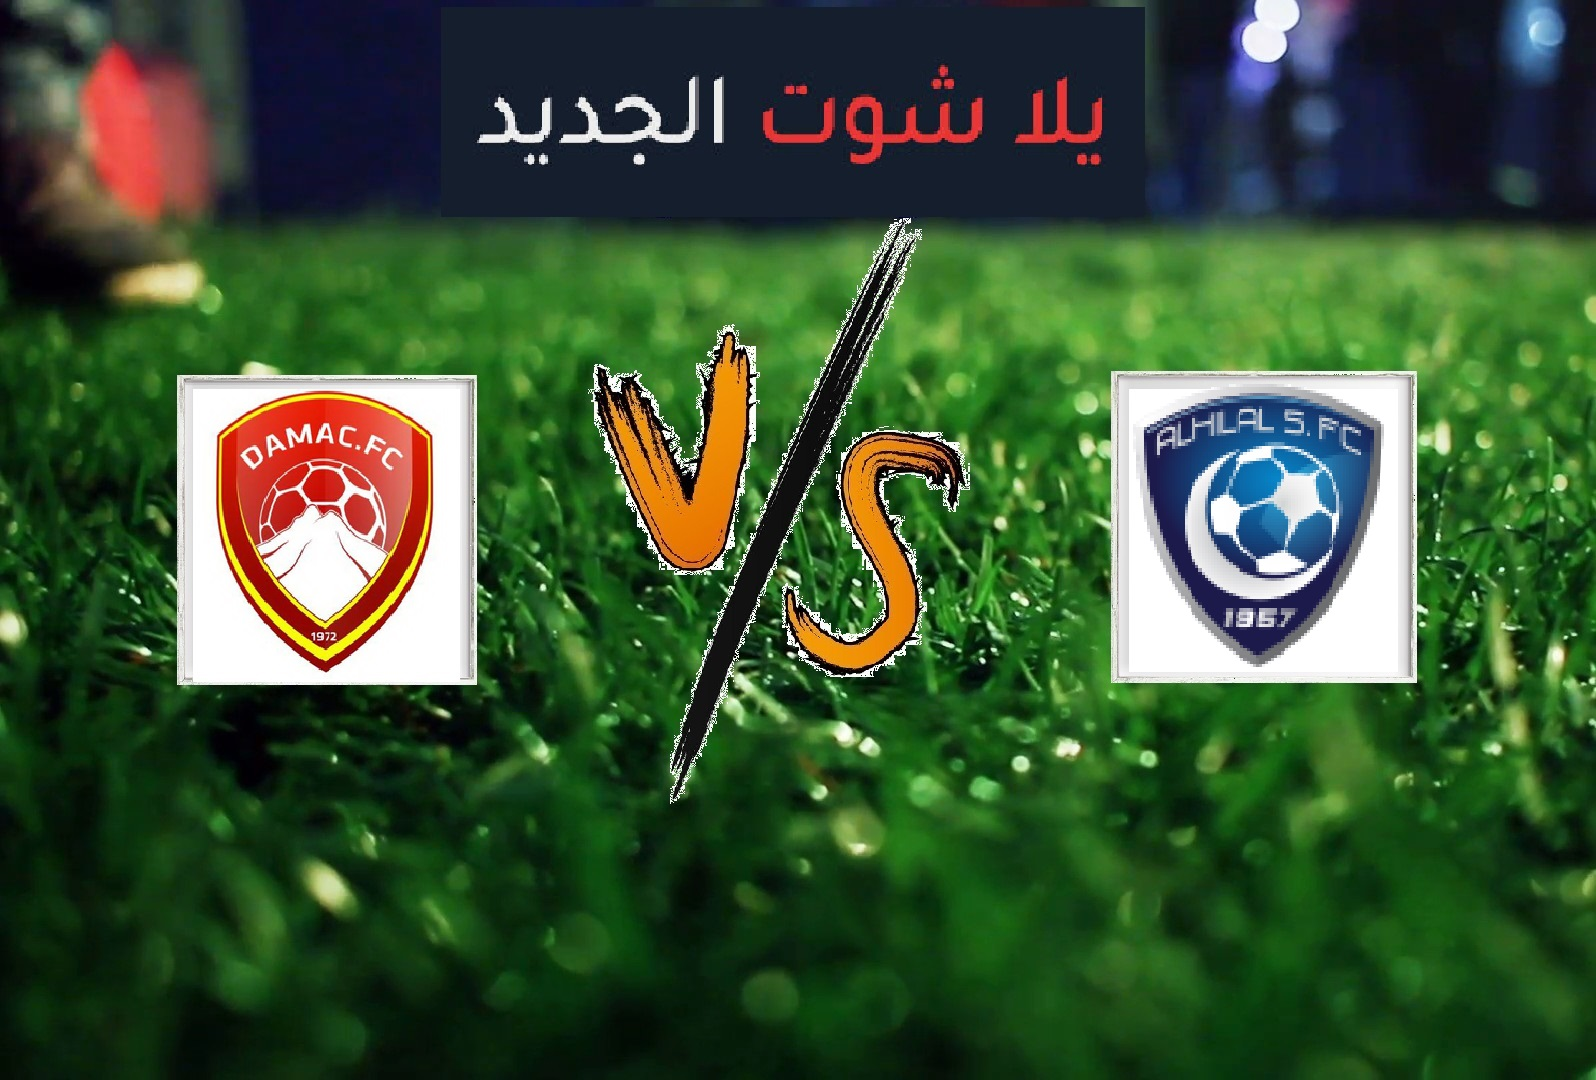 نتيجة مباراة ضمك والهلال بتاريخ 11-03-2020 الدوري السعودي